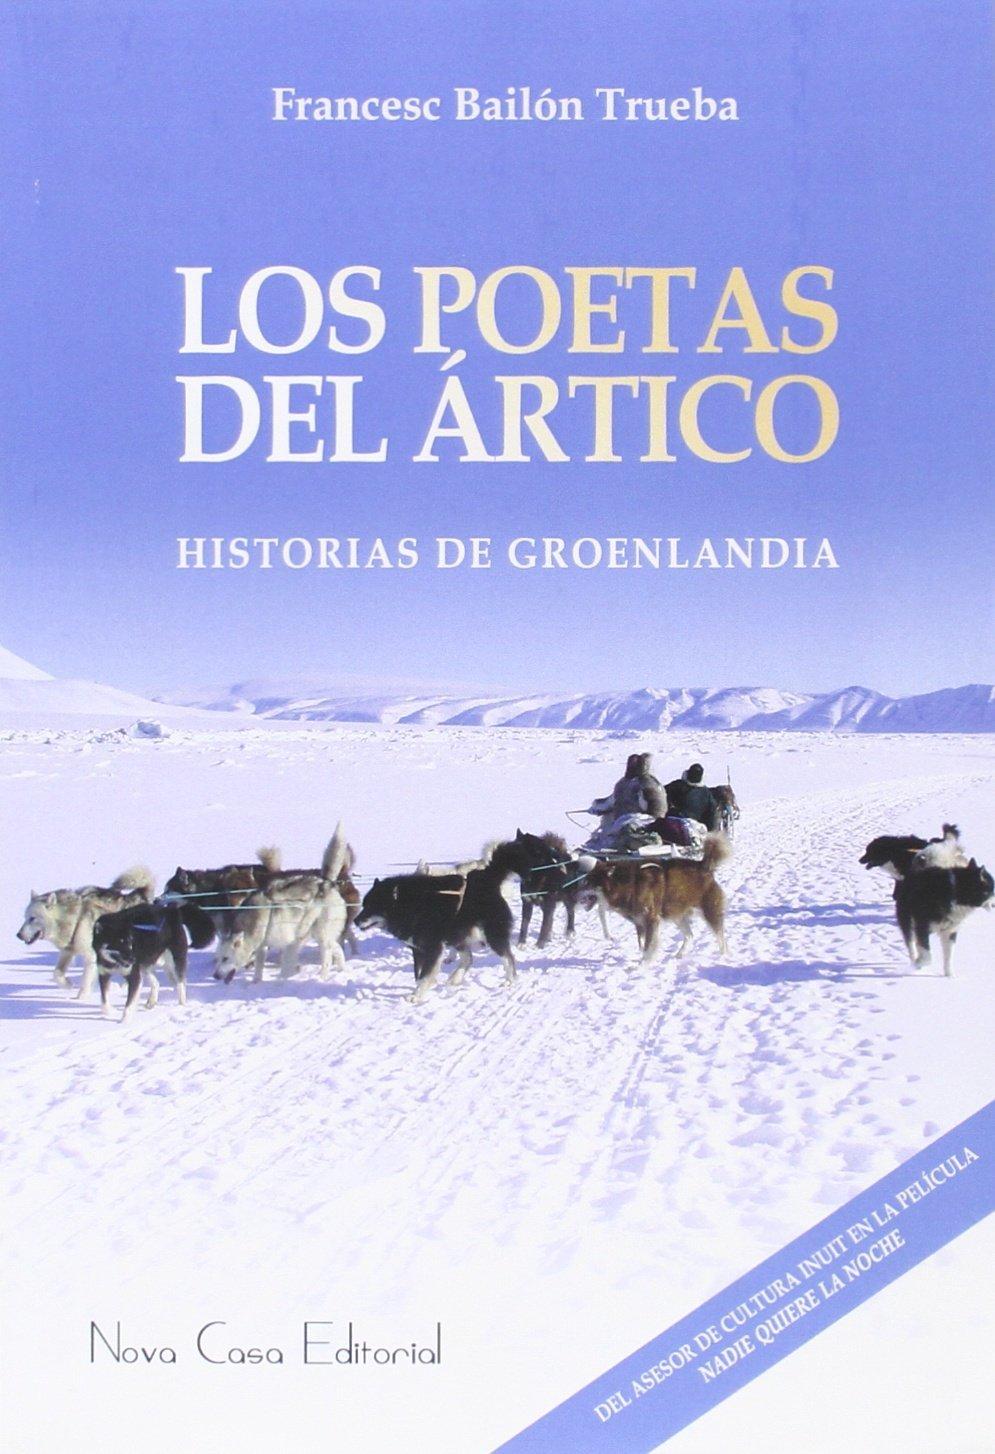 Los poetas del Ártico, libro de Francesc Bailón